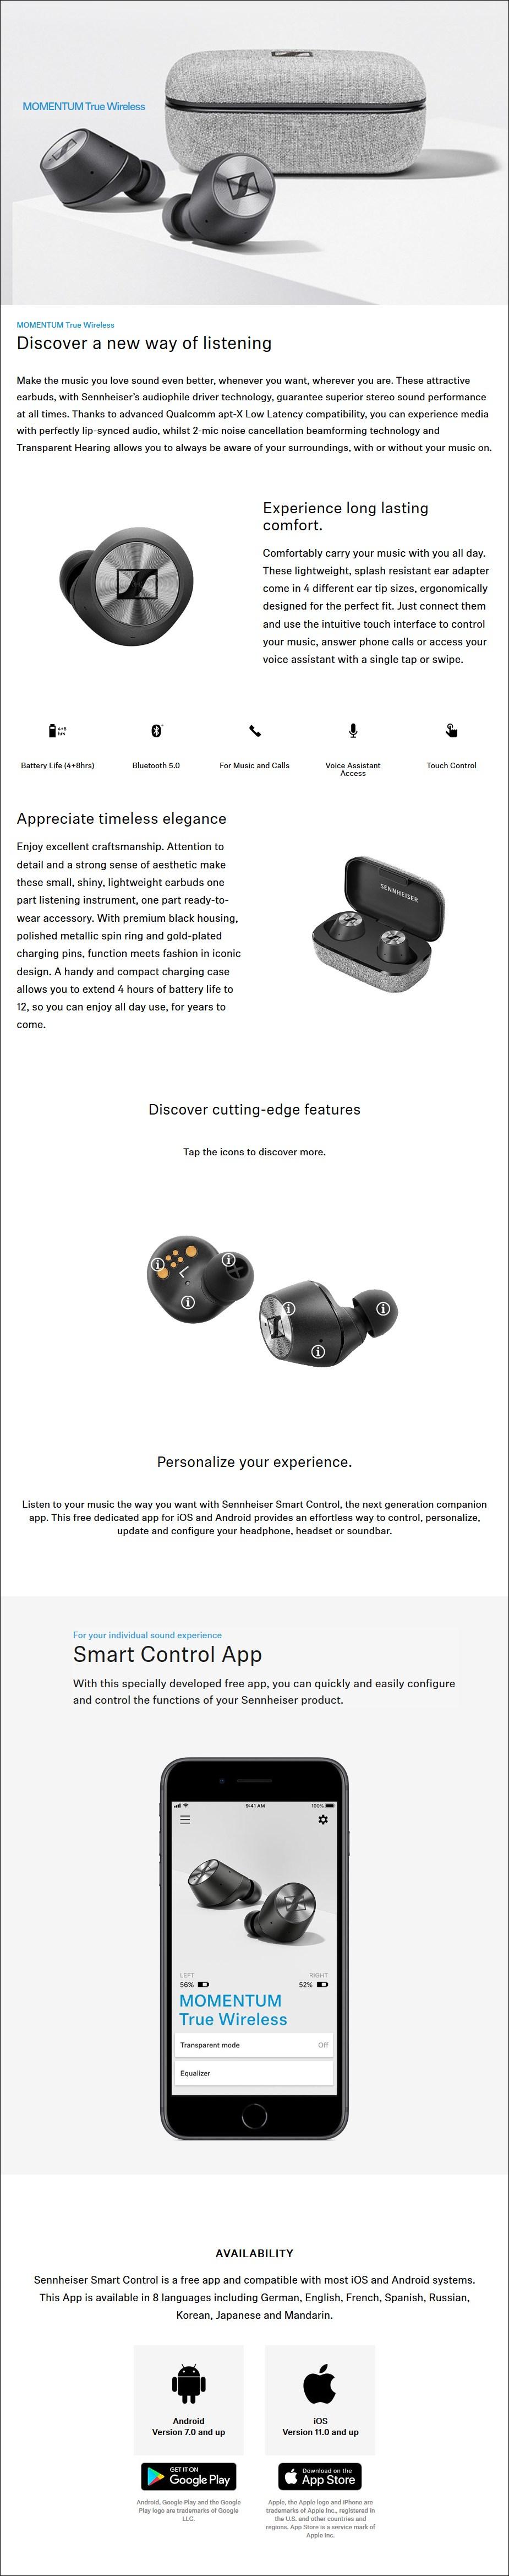 Sennheiser Momentum True Wireless In-Ear Headphone - Desktop Overview 1